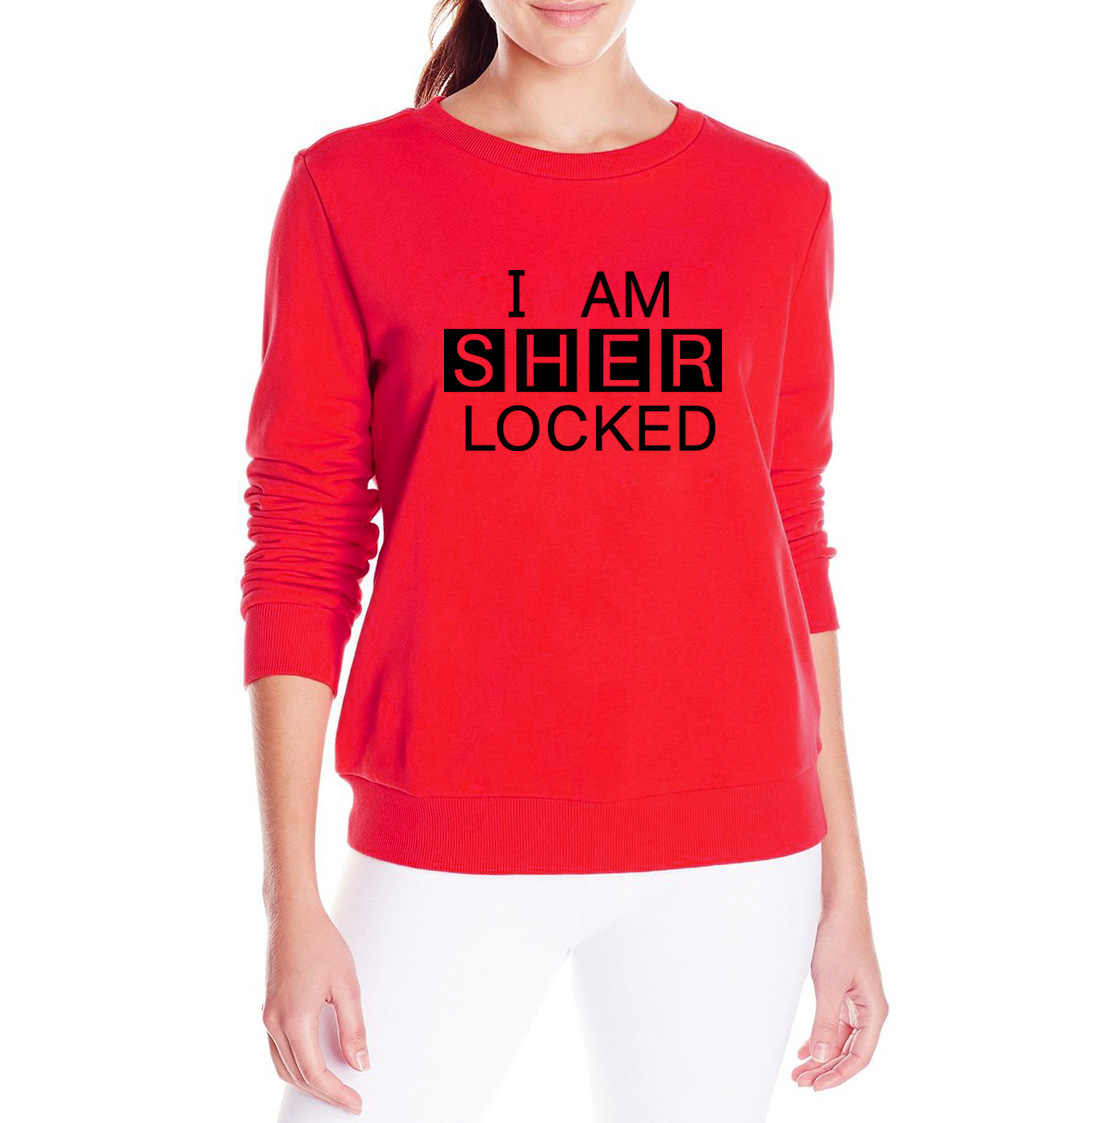 2019 Горячая куртка распродажа I Am Sher locked Письмо печати harajuku толстовки осенний флисовый хип-хоп брендовый костюм пуловер